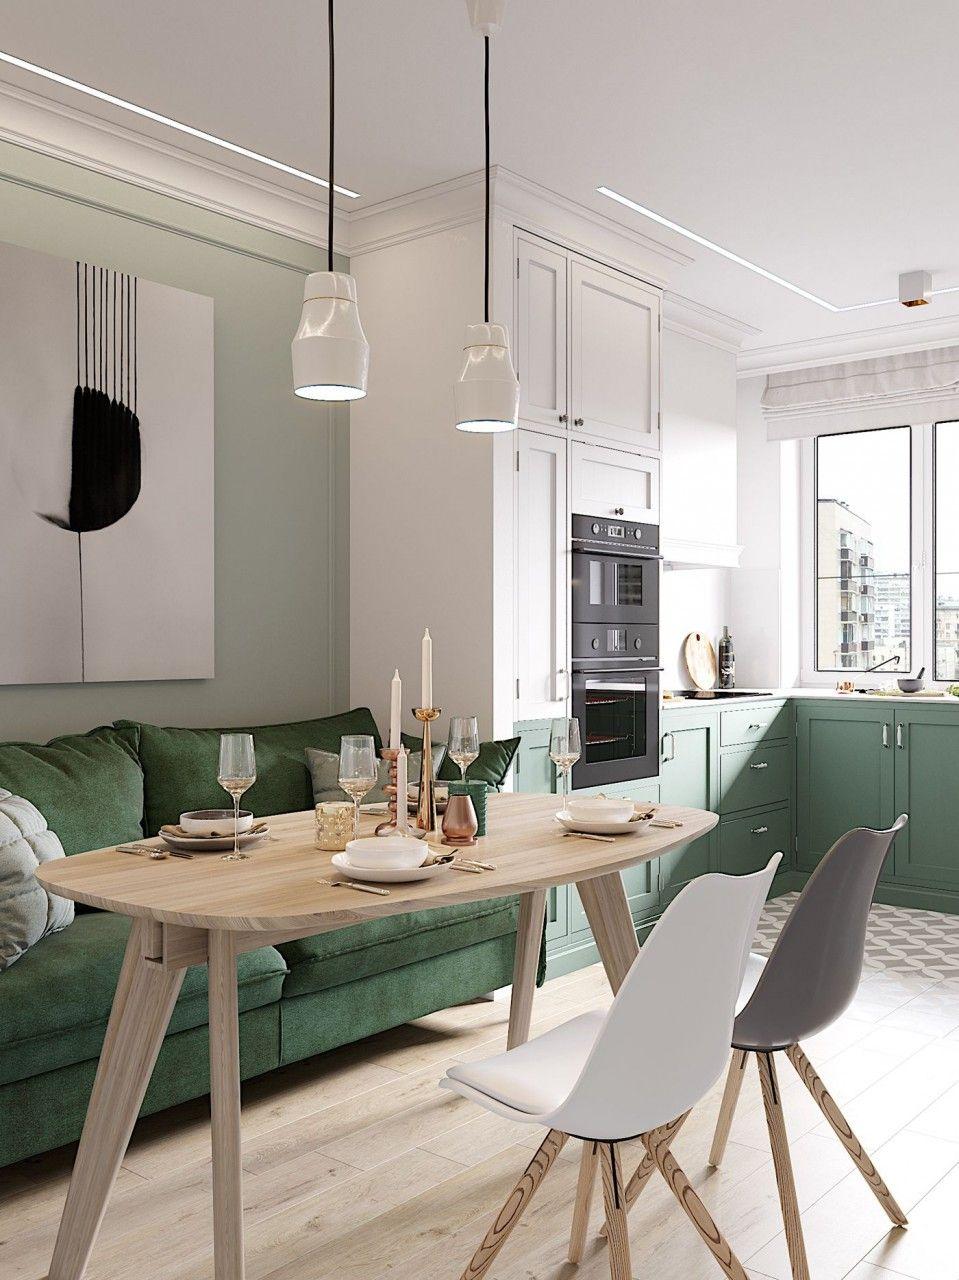 55 Cocinas Verdes Modernas 2018 Diseno De Interiores De Cocina